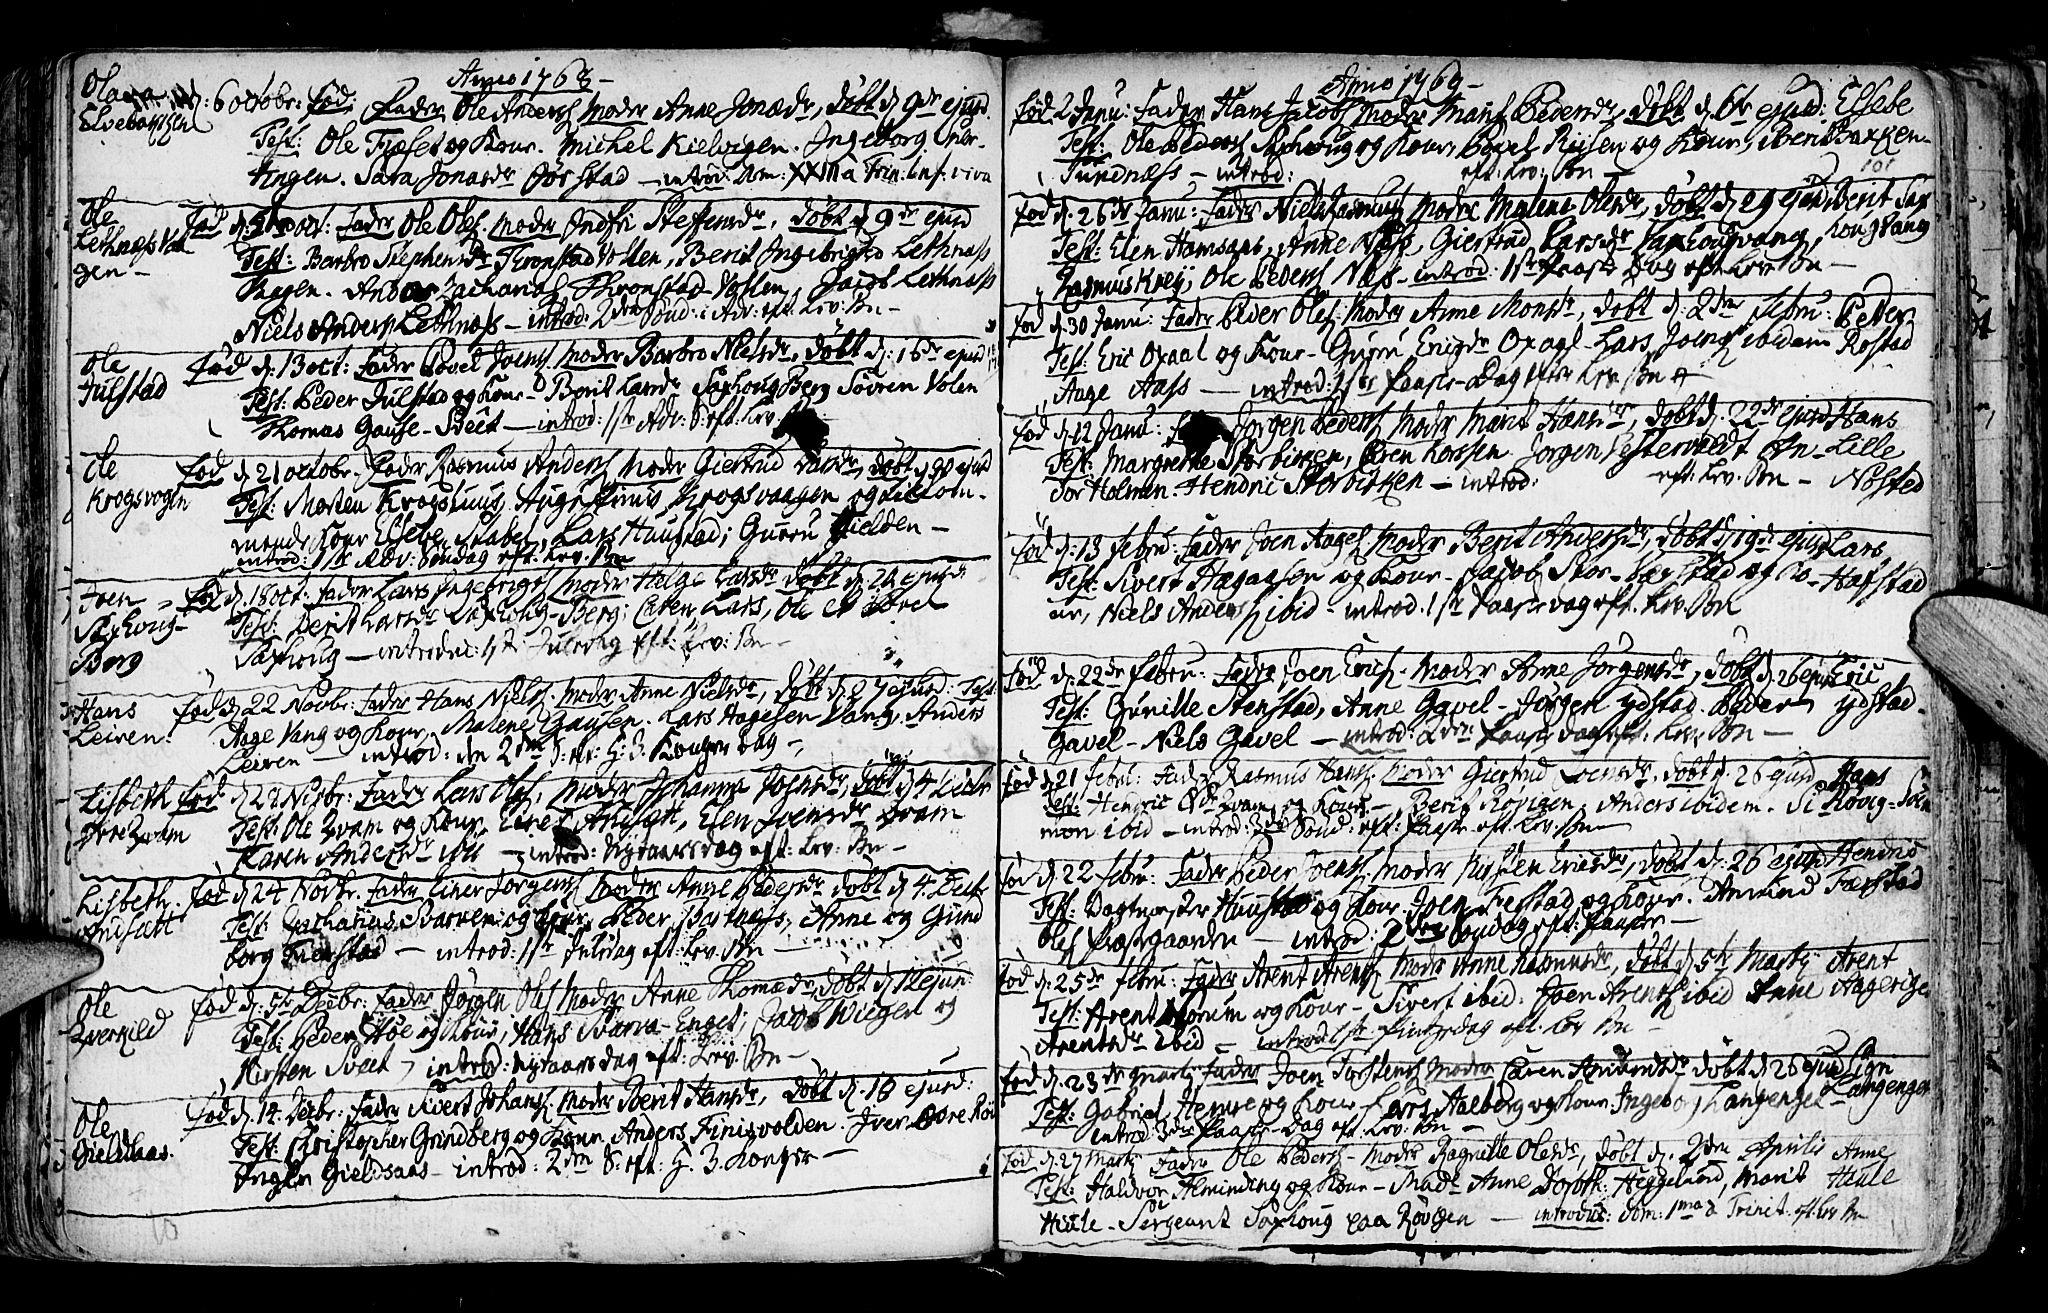 SAT, Ministerialprotokoller, klokkerbøker og fødselsregistre - Nord-Trøndelag, 730/L0273: Ministerialbok nr. 730A02, 1762-1802, s. 101